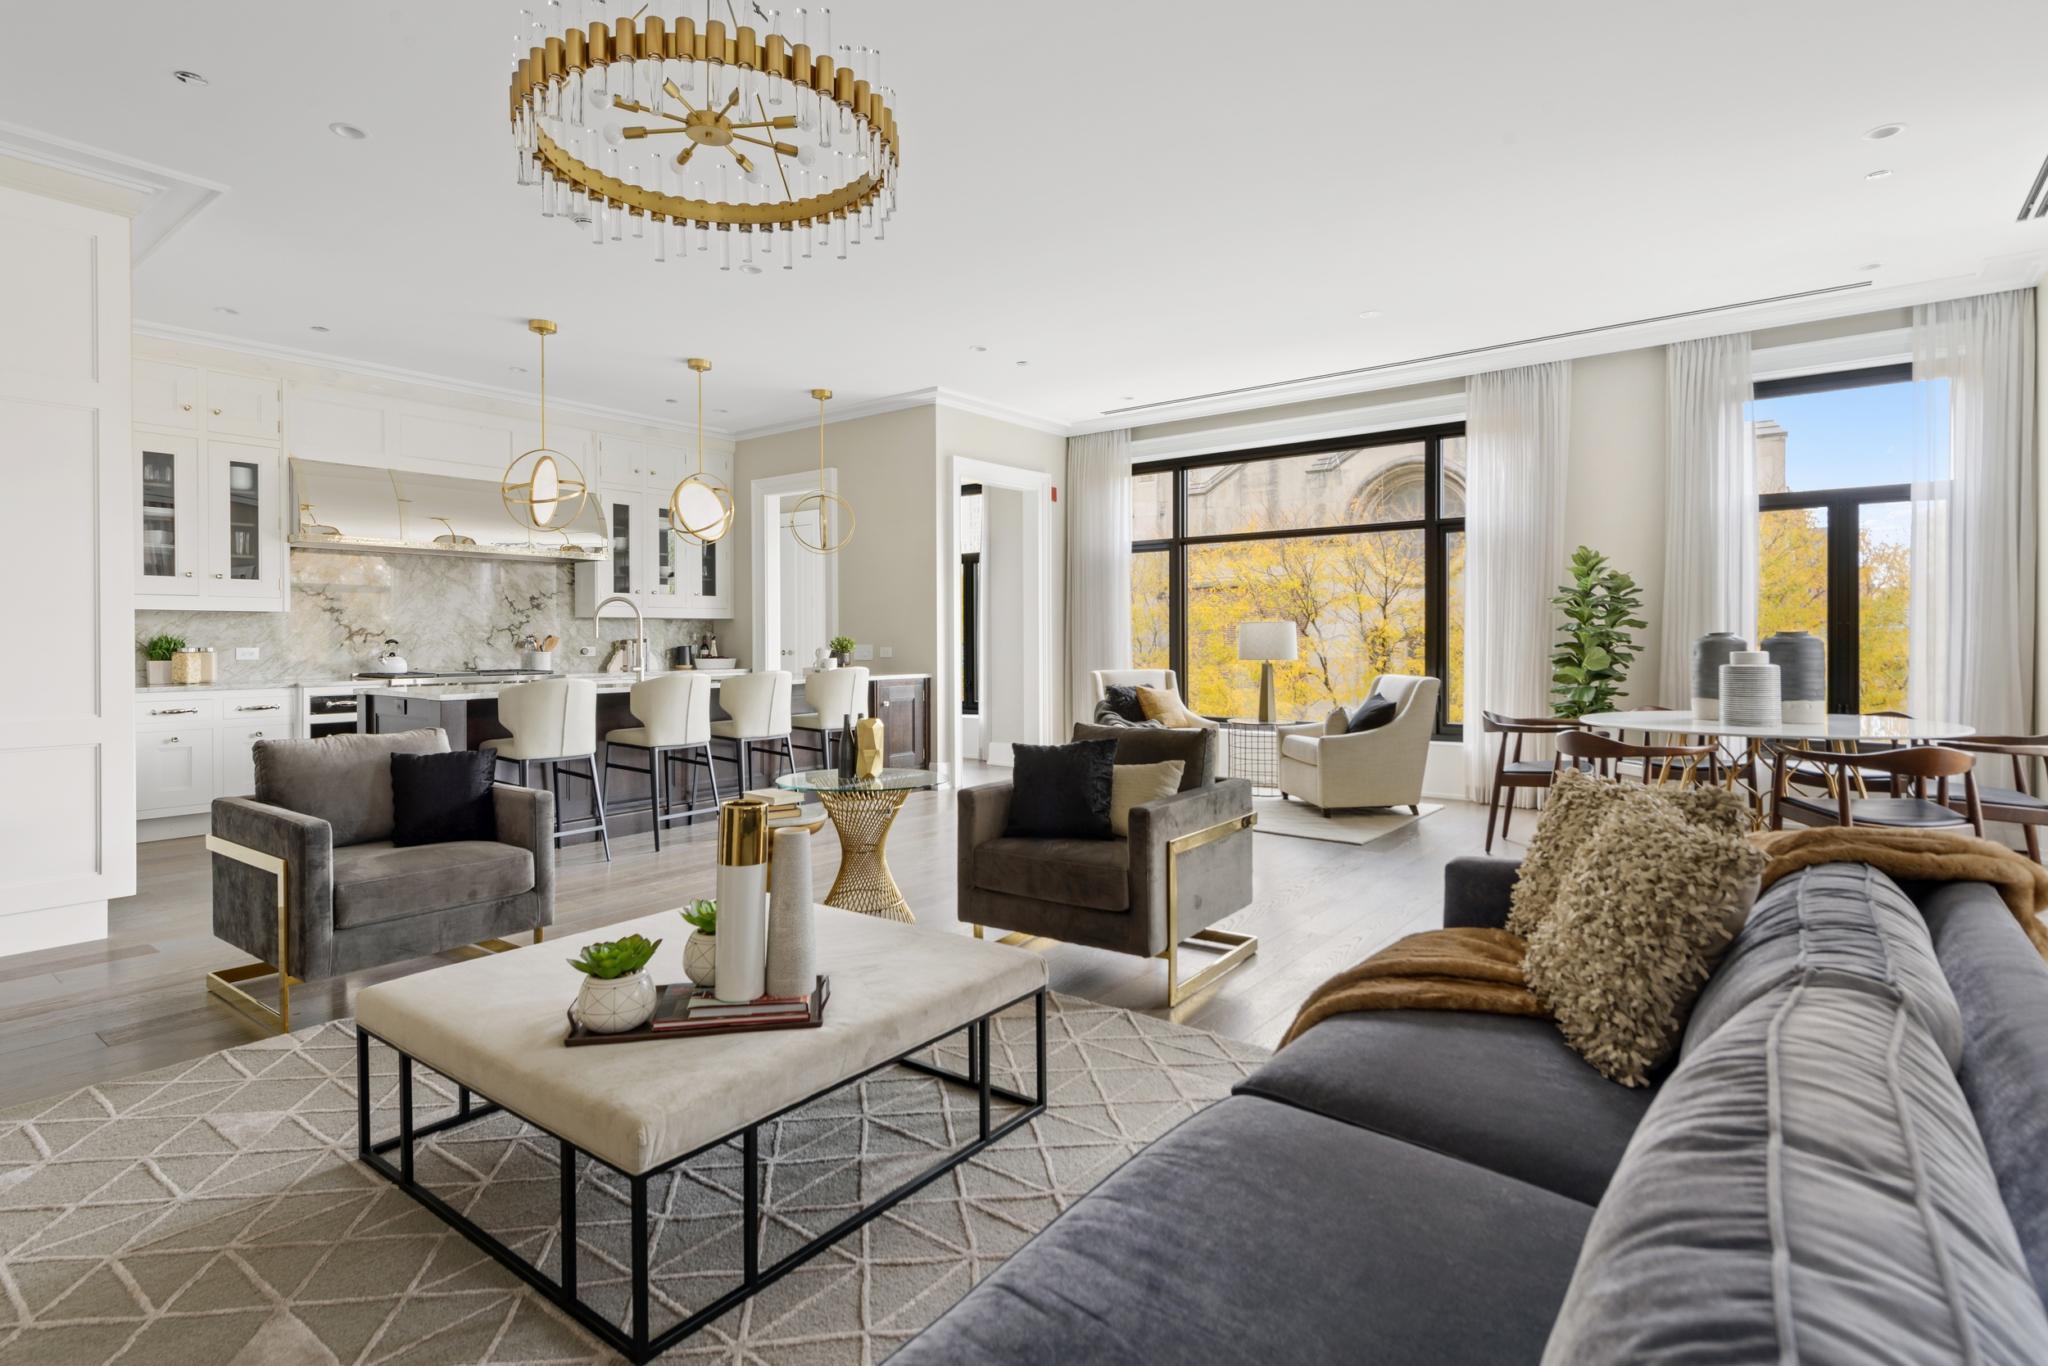 4-Living-Room-scaled.jpg